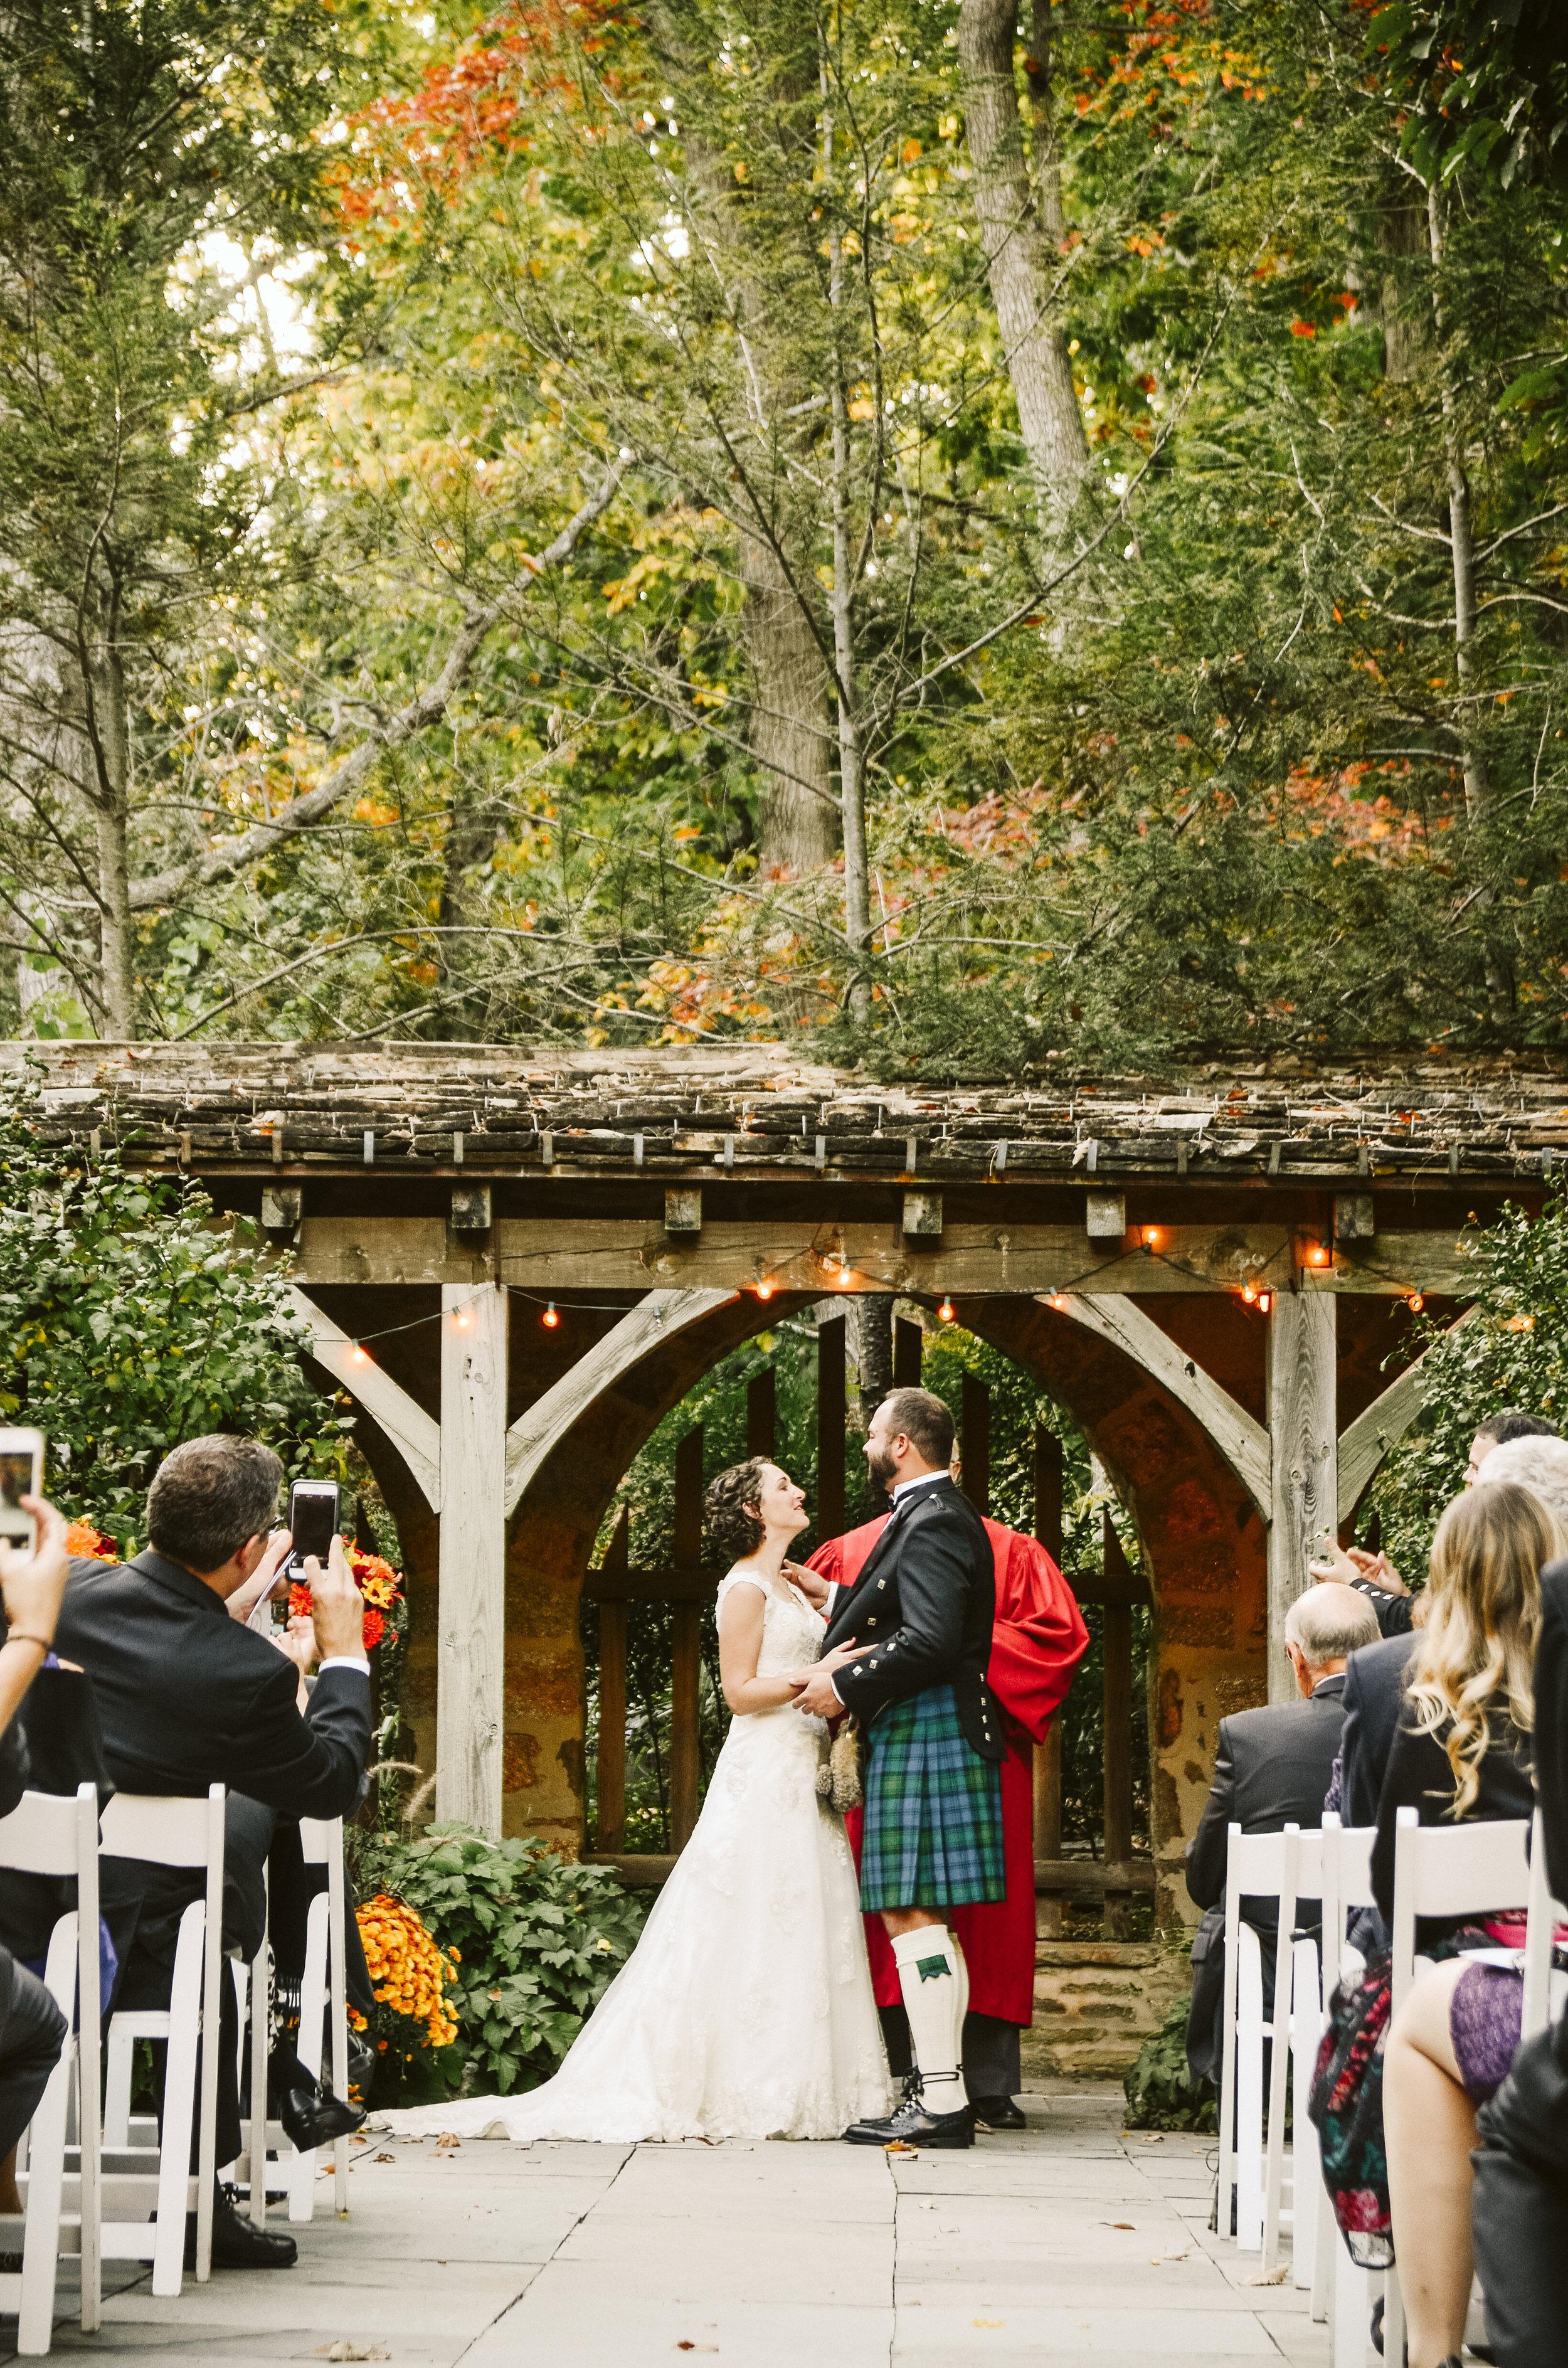 adrienne and greg's wedding 2018 edits-54.jpg